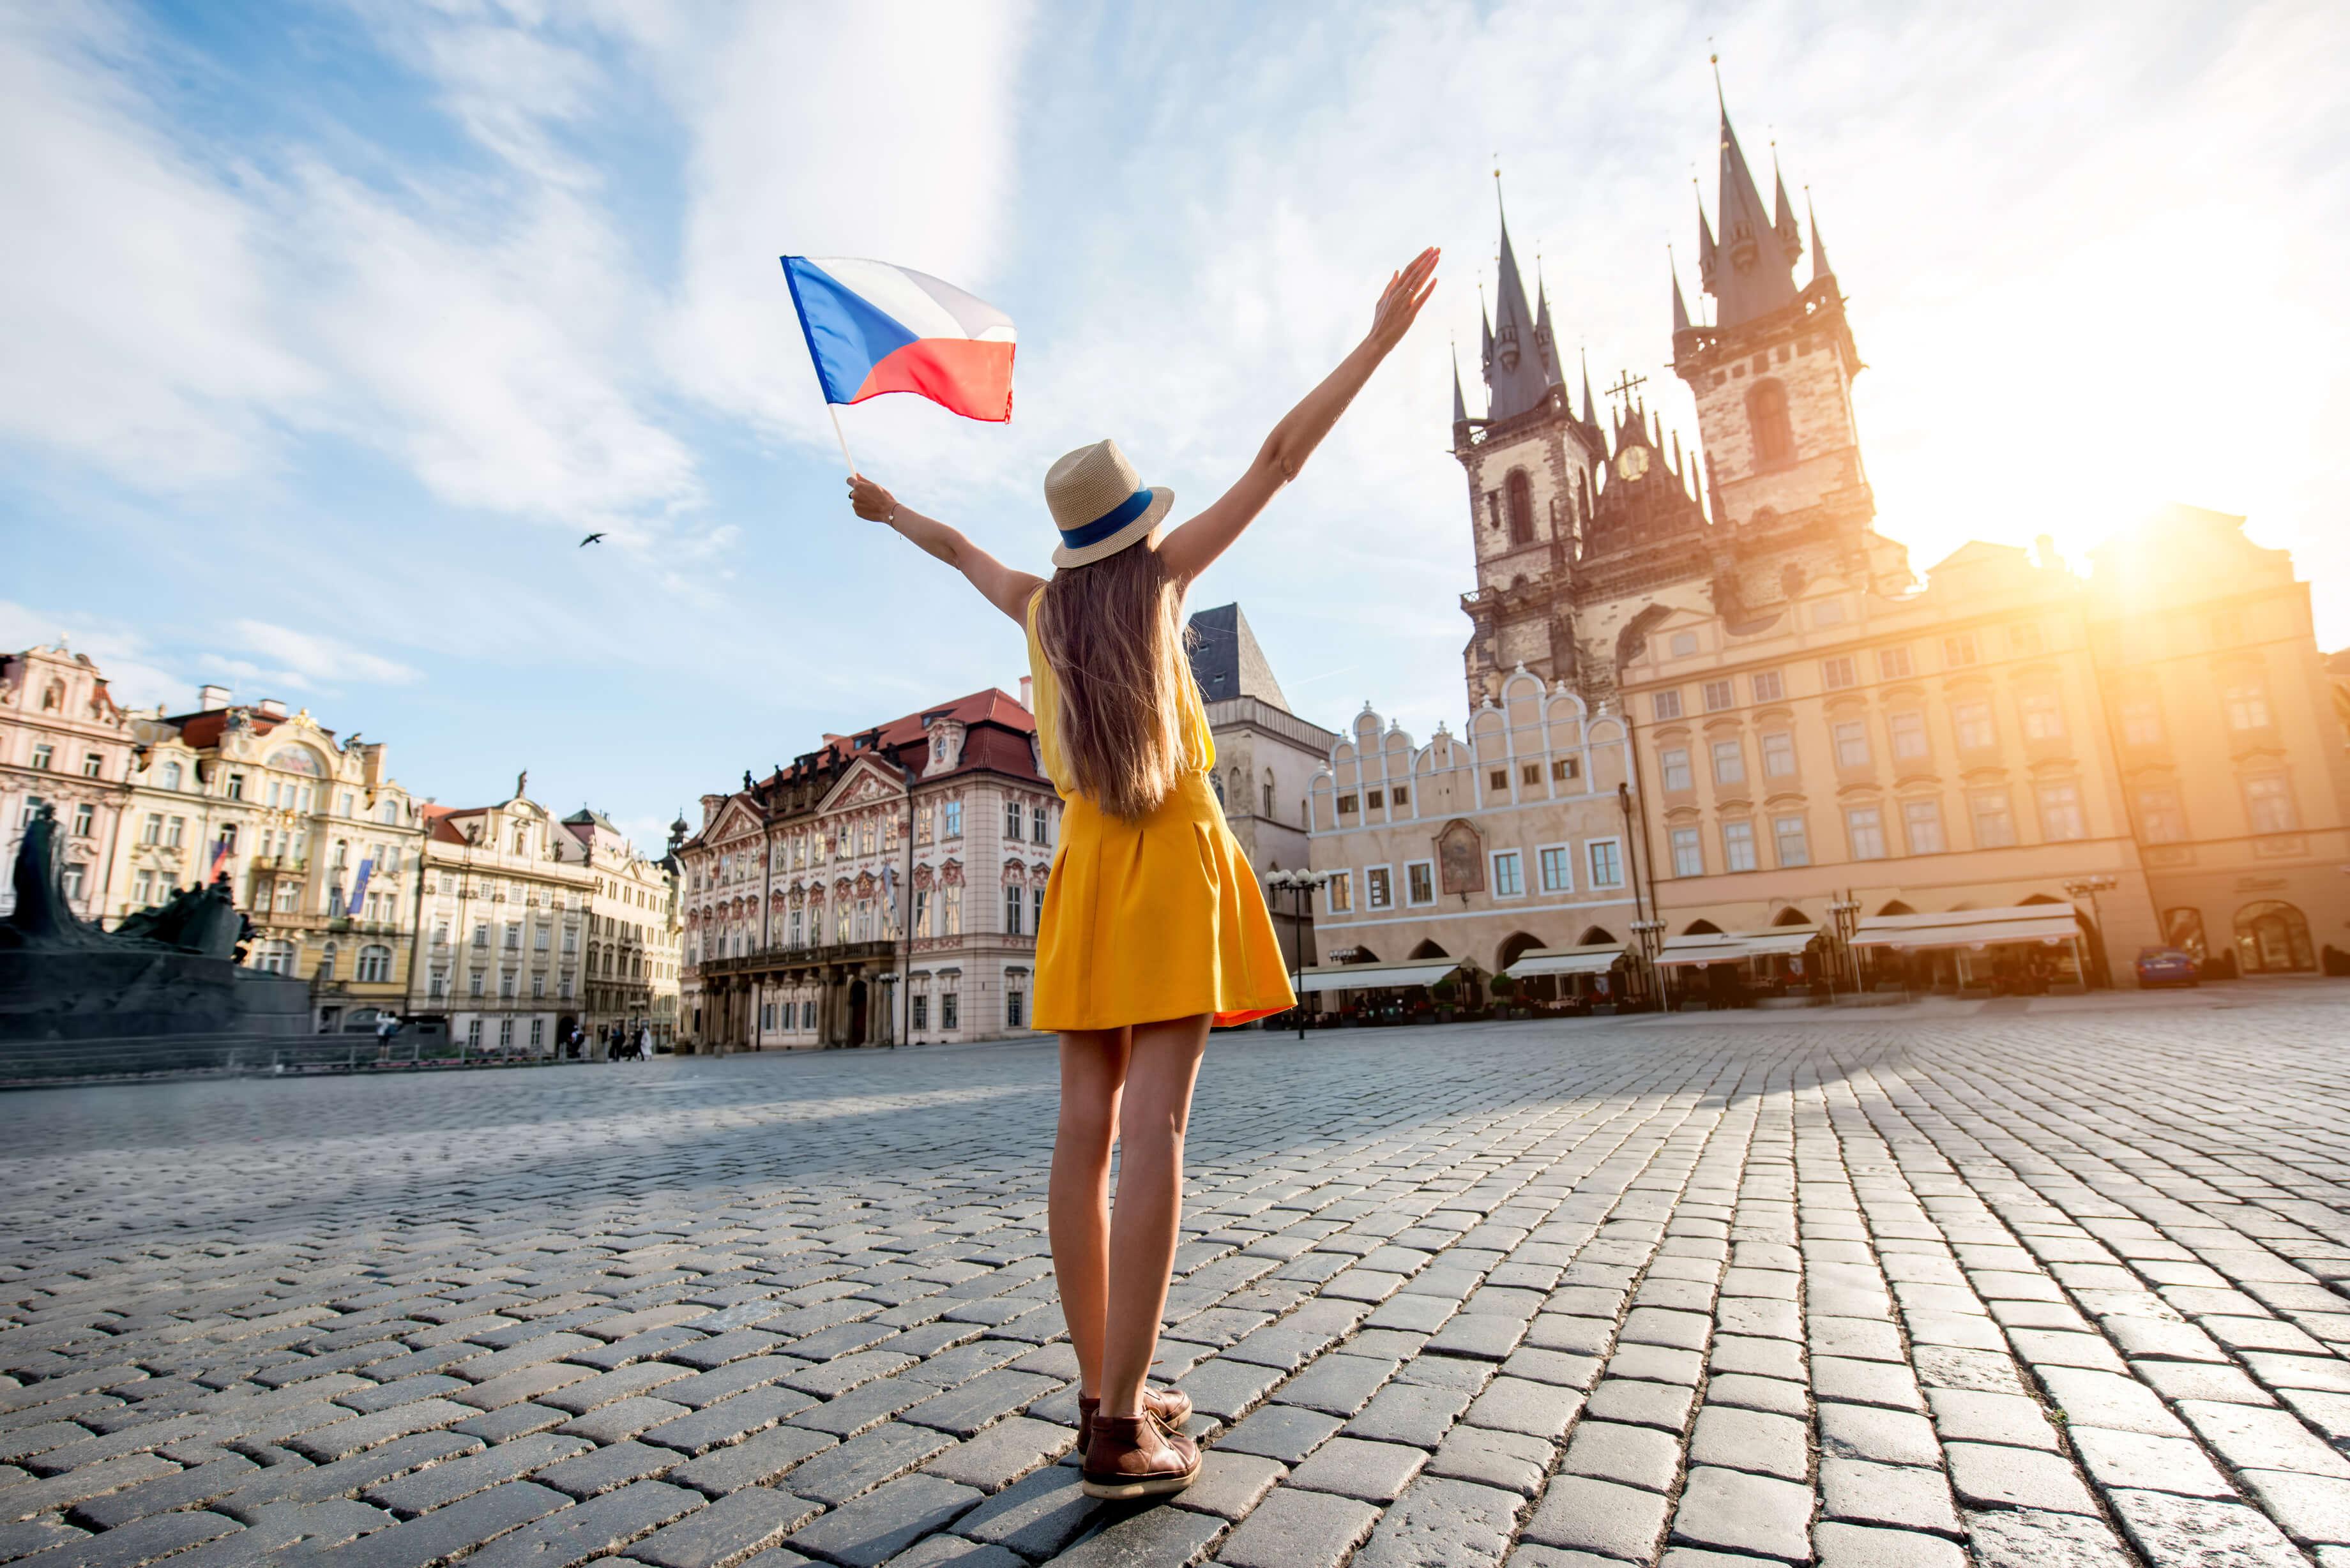 Heiraten tschechien frauen aus Polnische Frauen